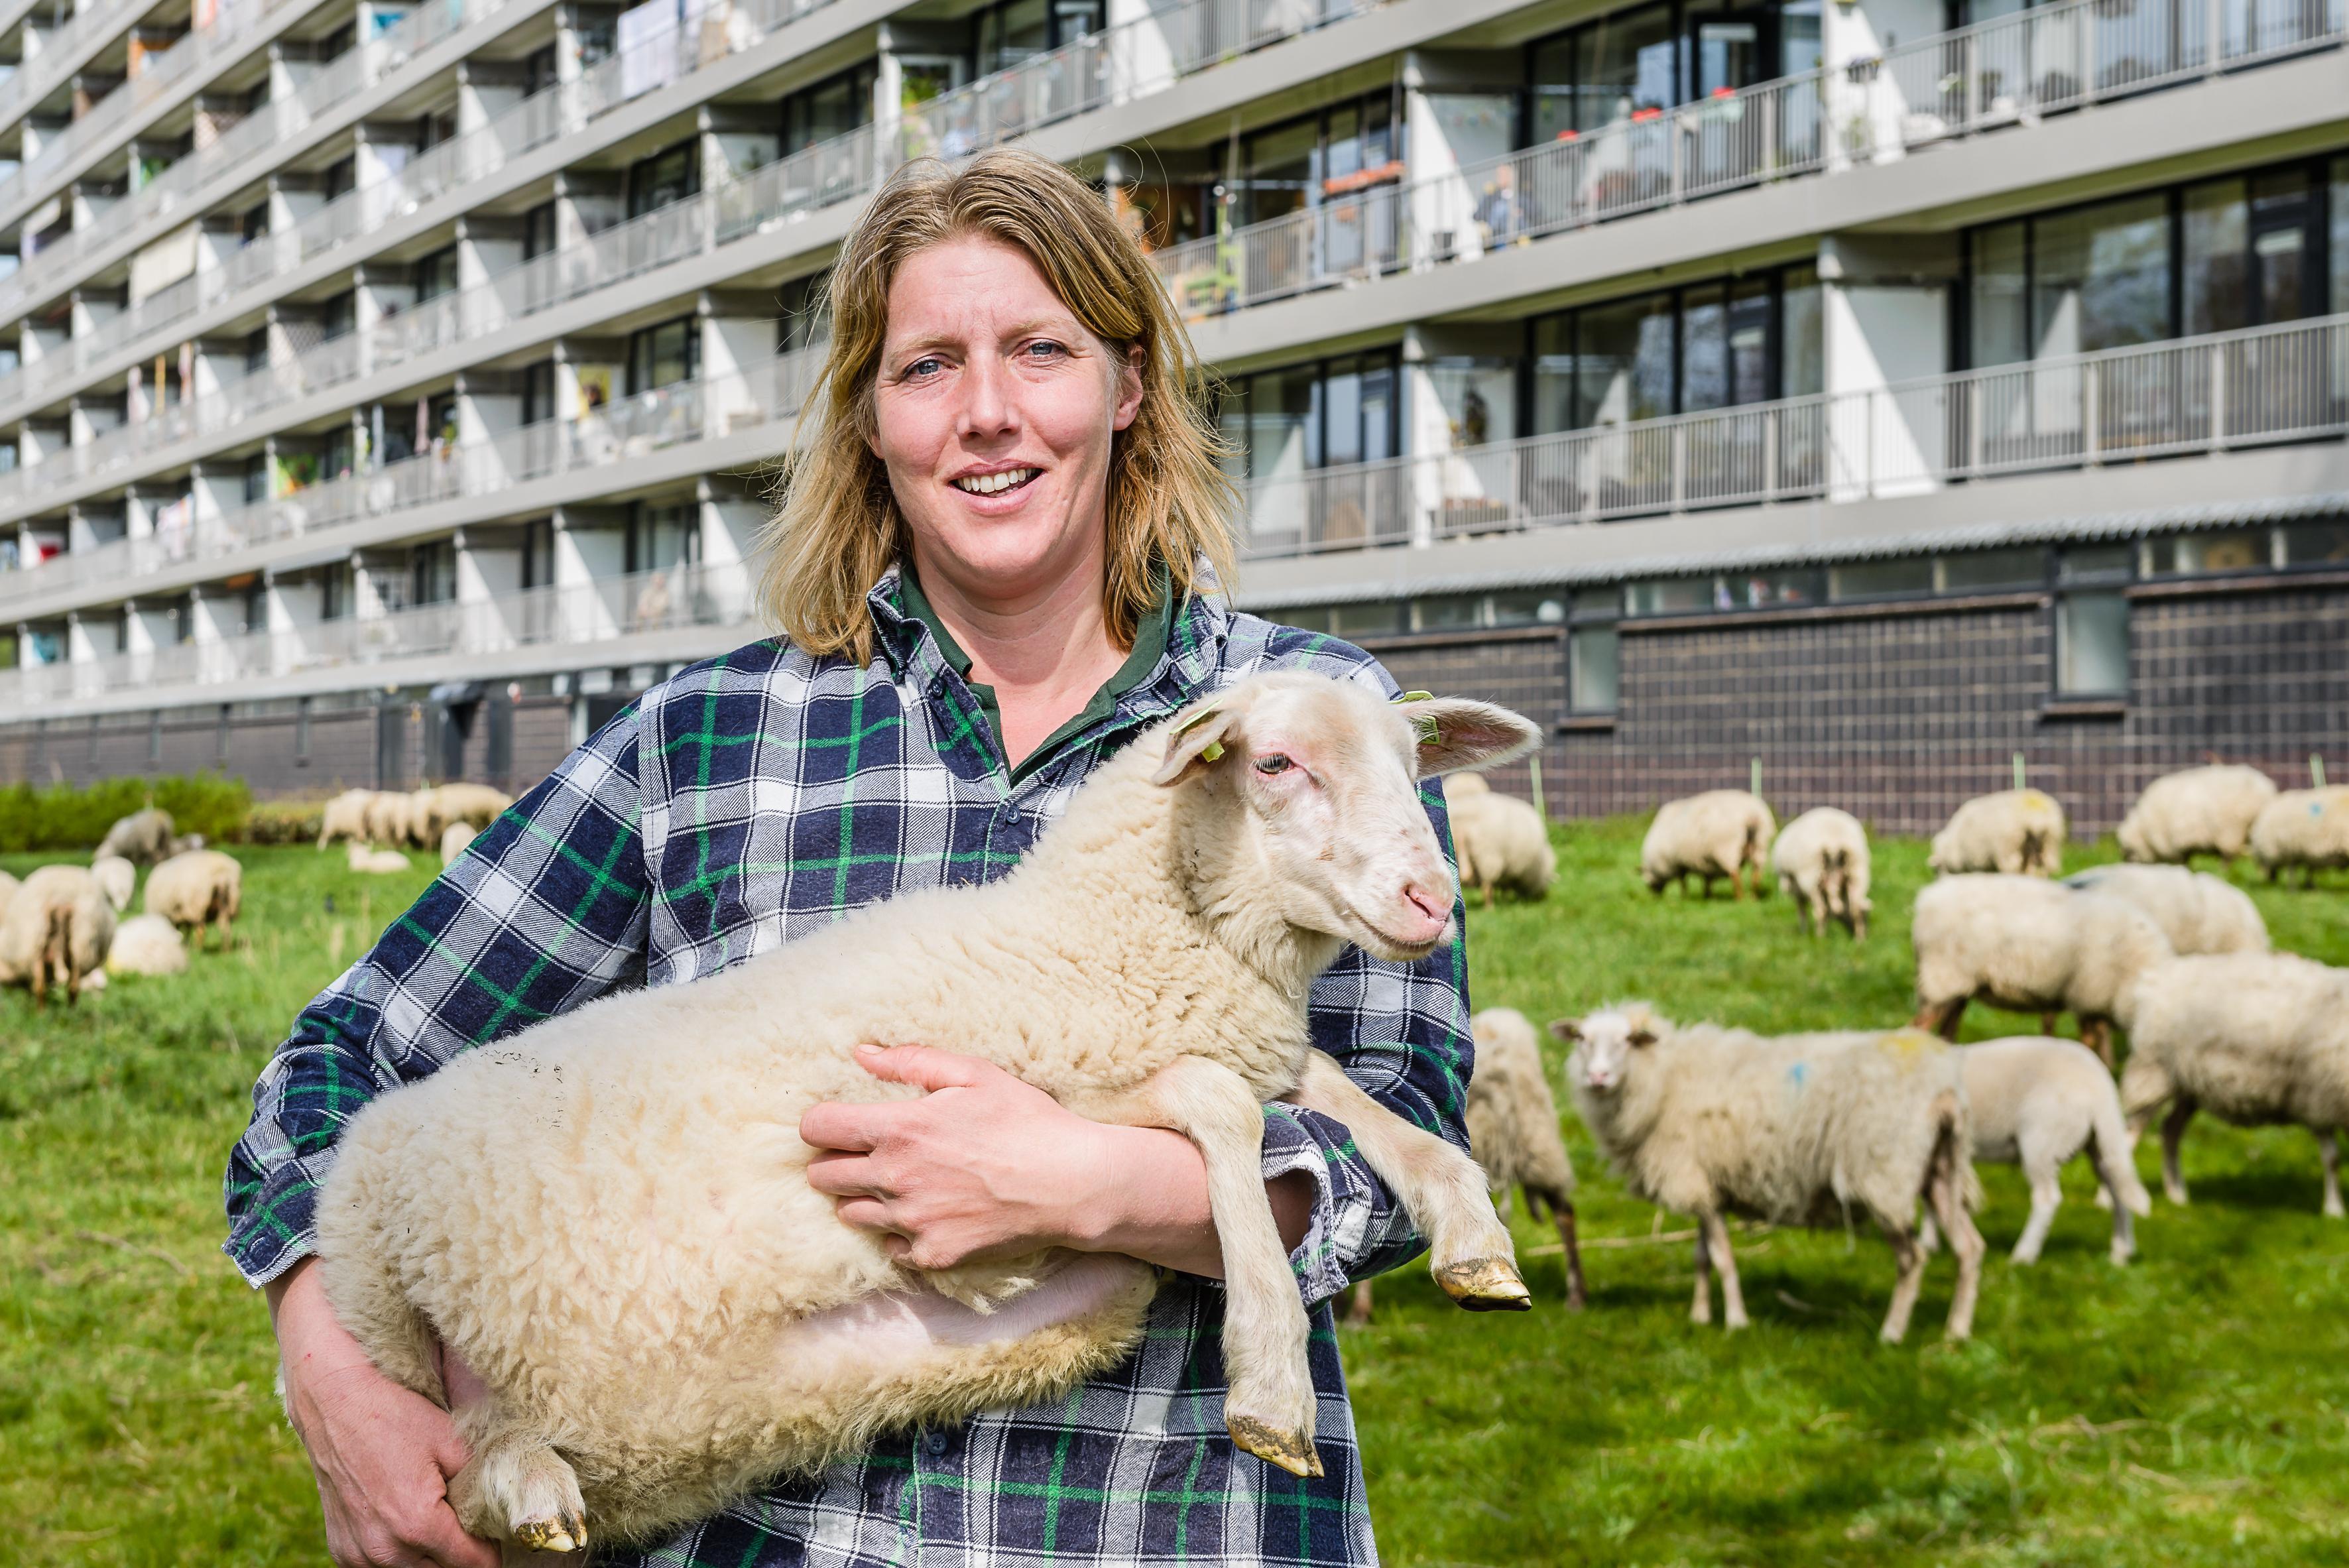 Dankzij bijzondere grondverkoop kunnen duizend schapen van Marijke voortaan lopend naar hun werk